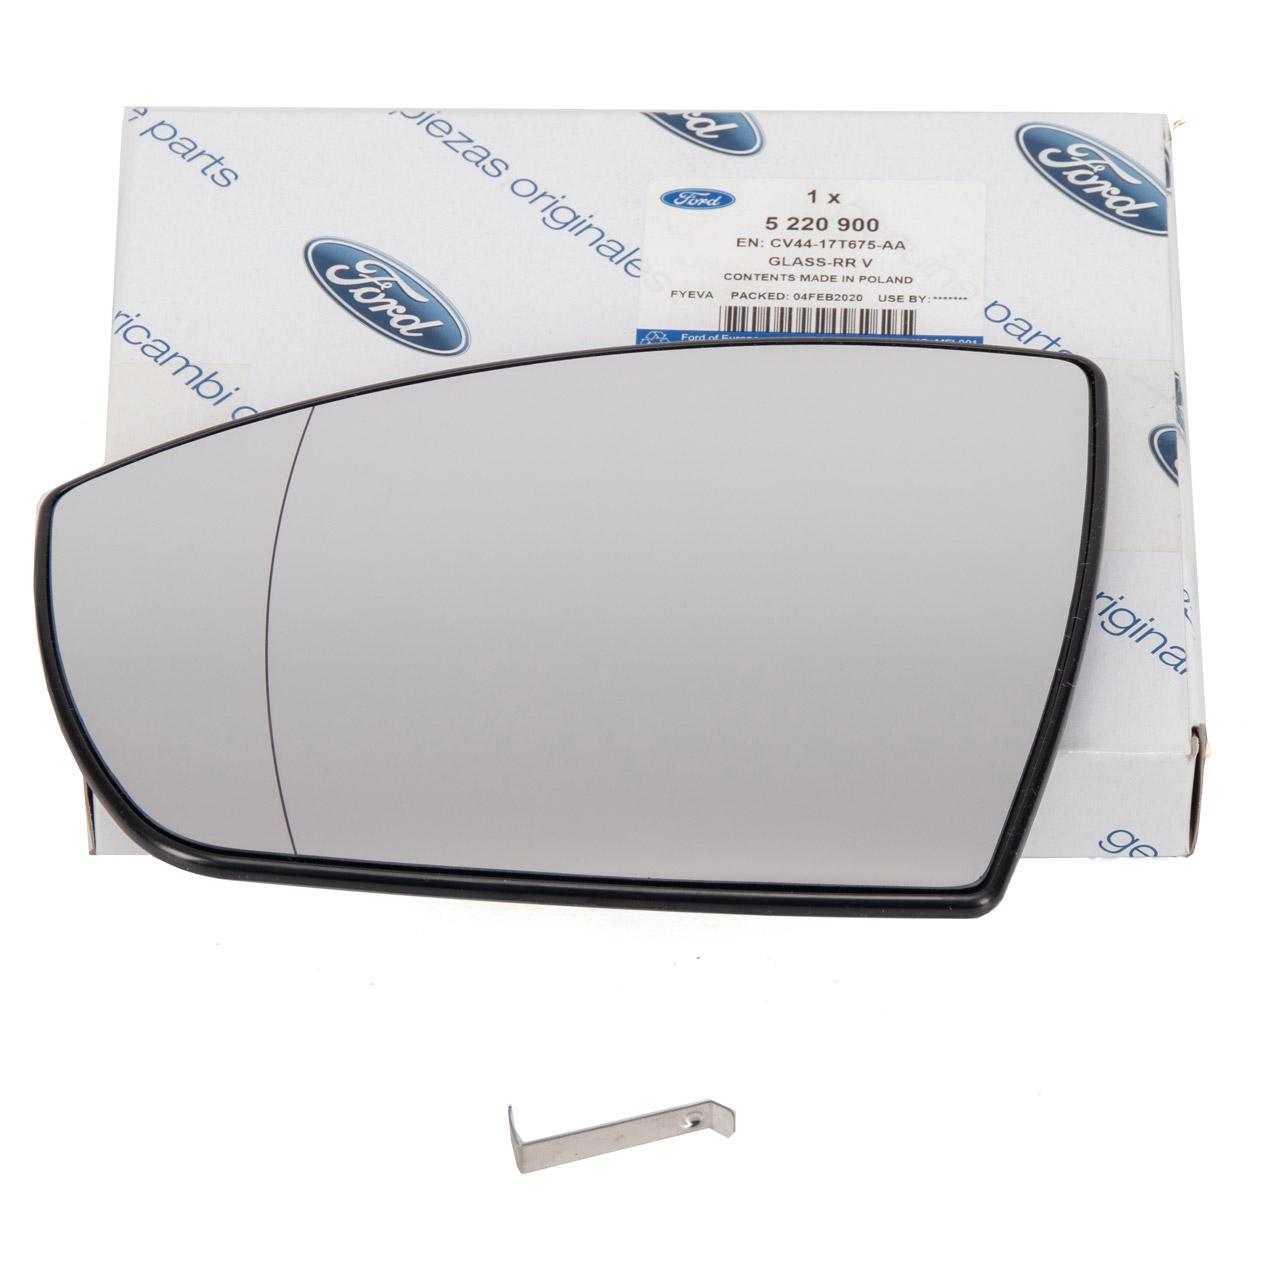 ORIGINAL Ford Außenspiegel Spiegelglas KUGA II MK2 links 5220900